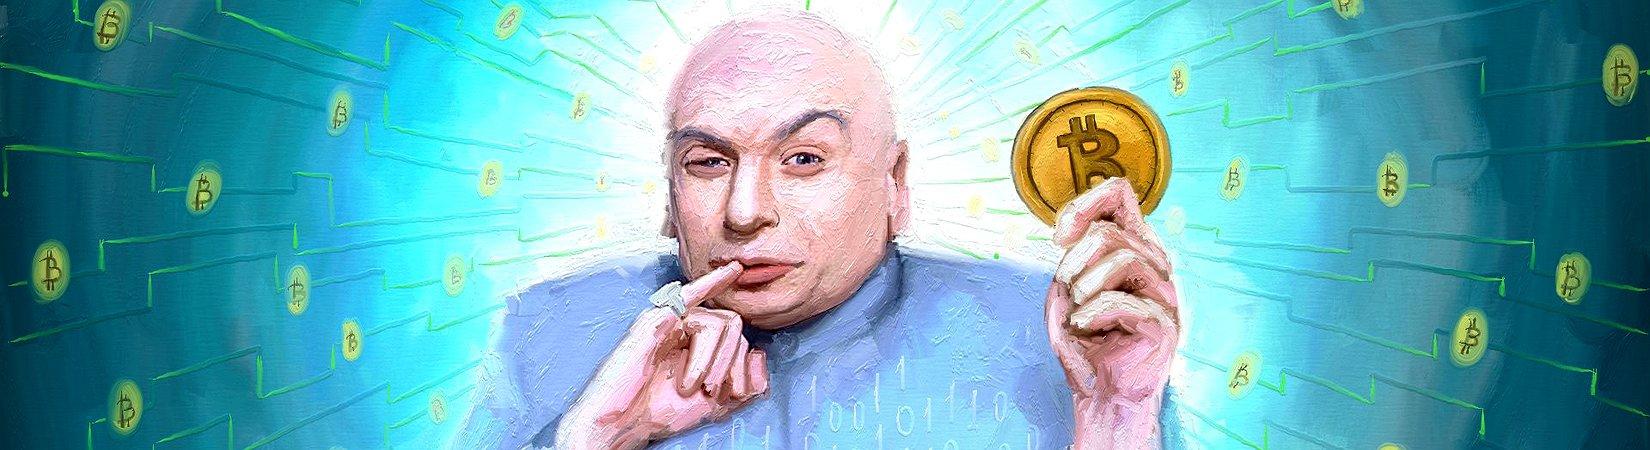 Cómo proteger tus bitcoins de los ladrones